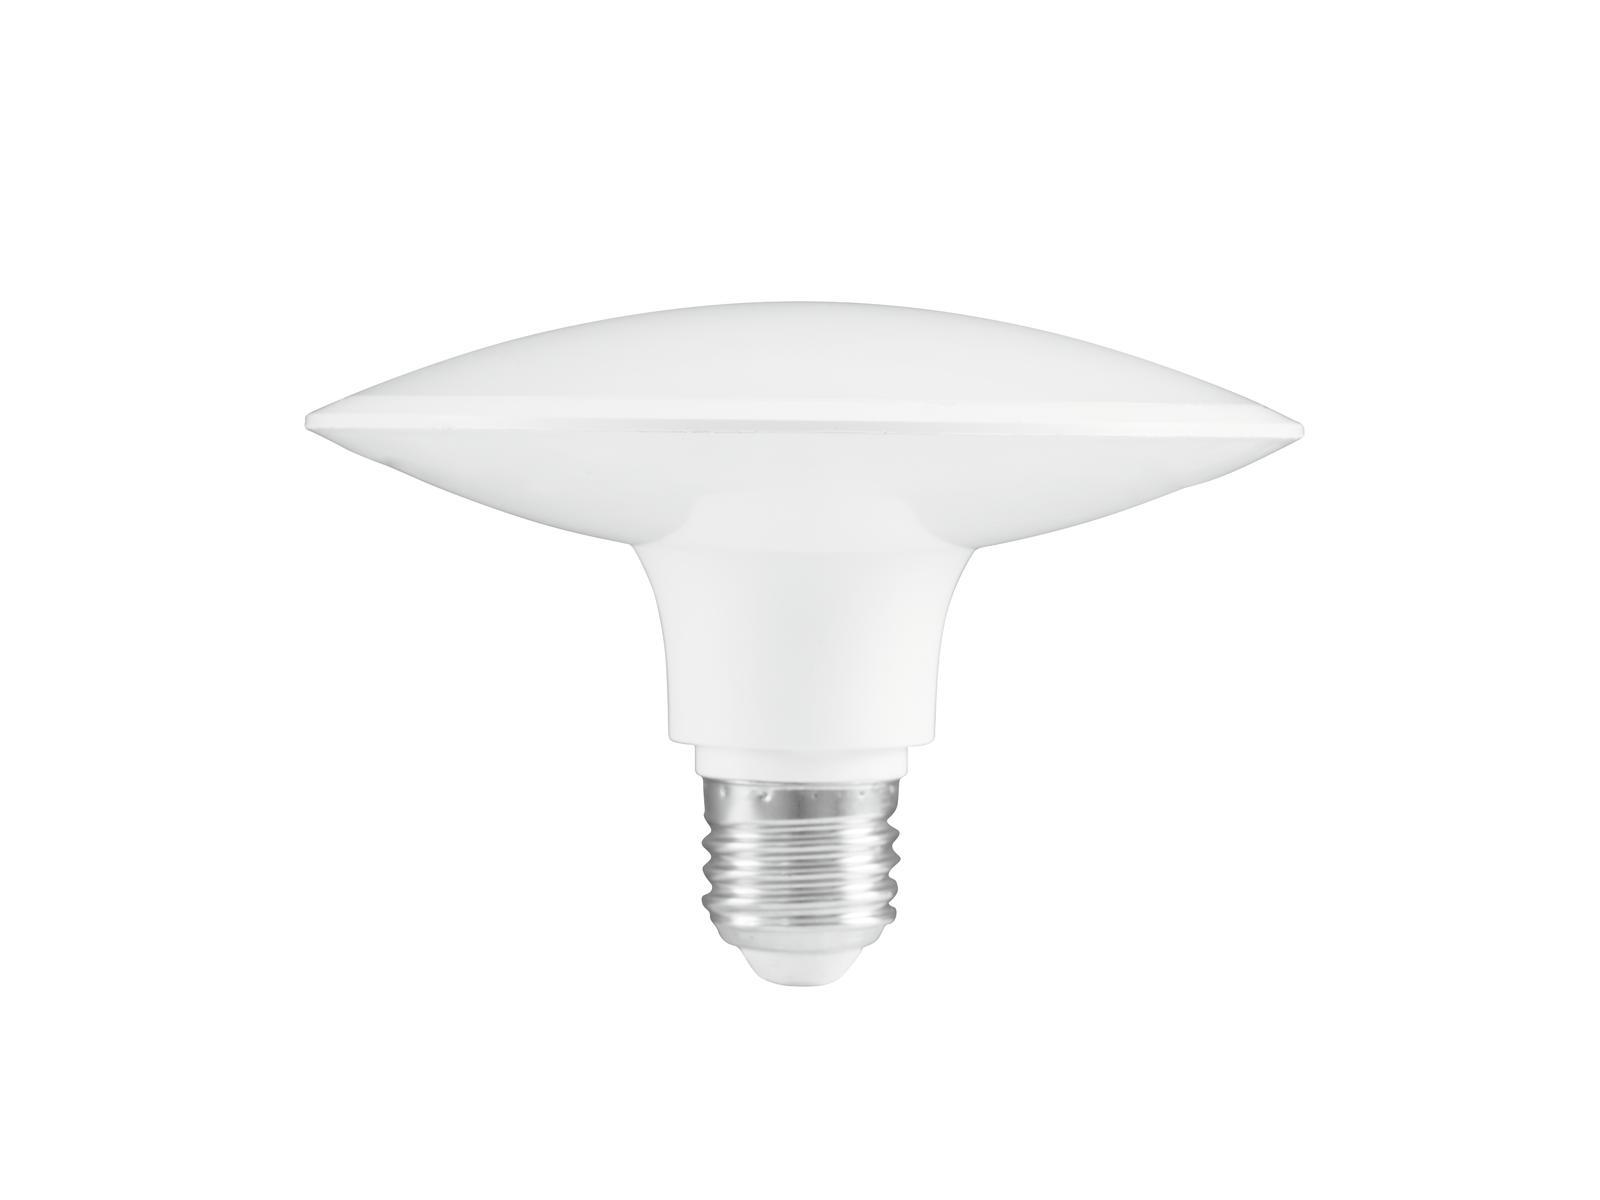 OMNILUX PAR LED-46 230V E-27 11W 6400K